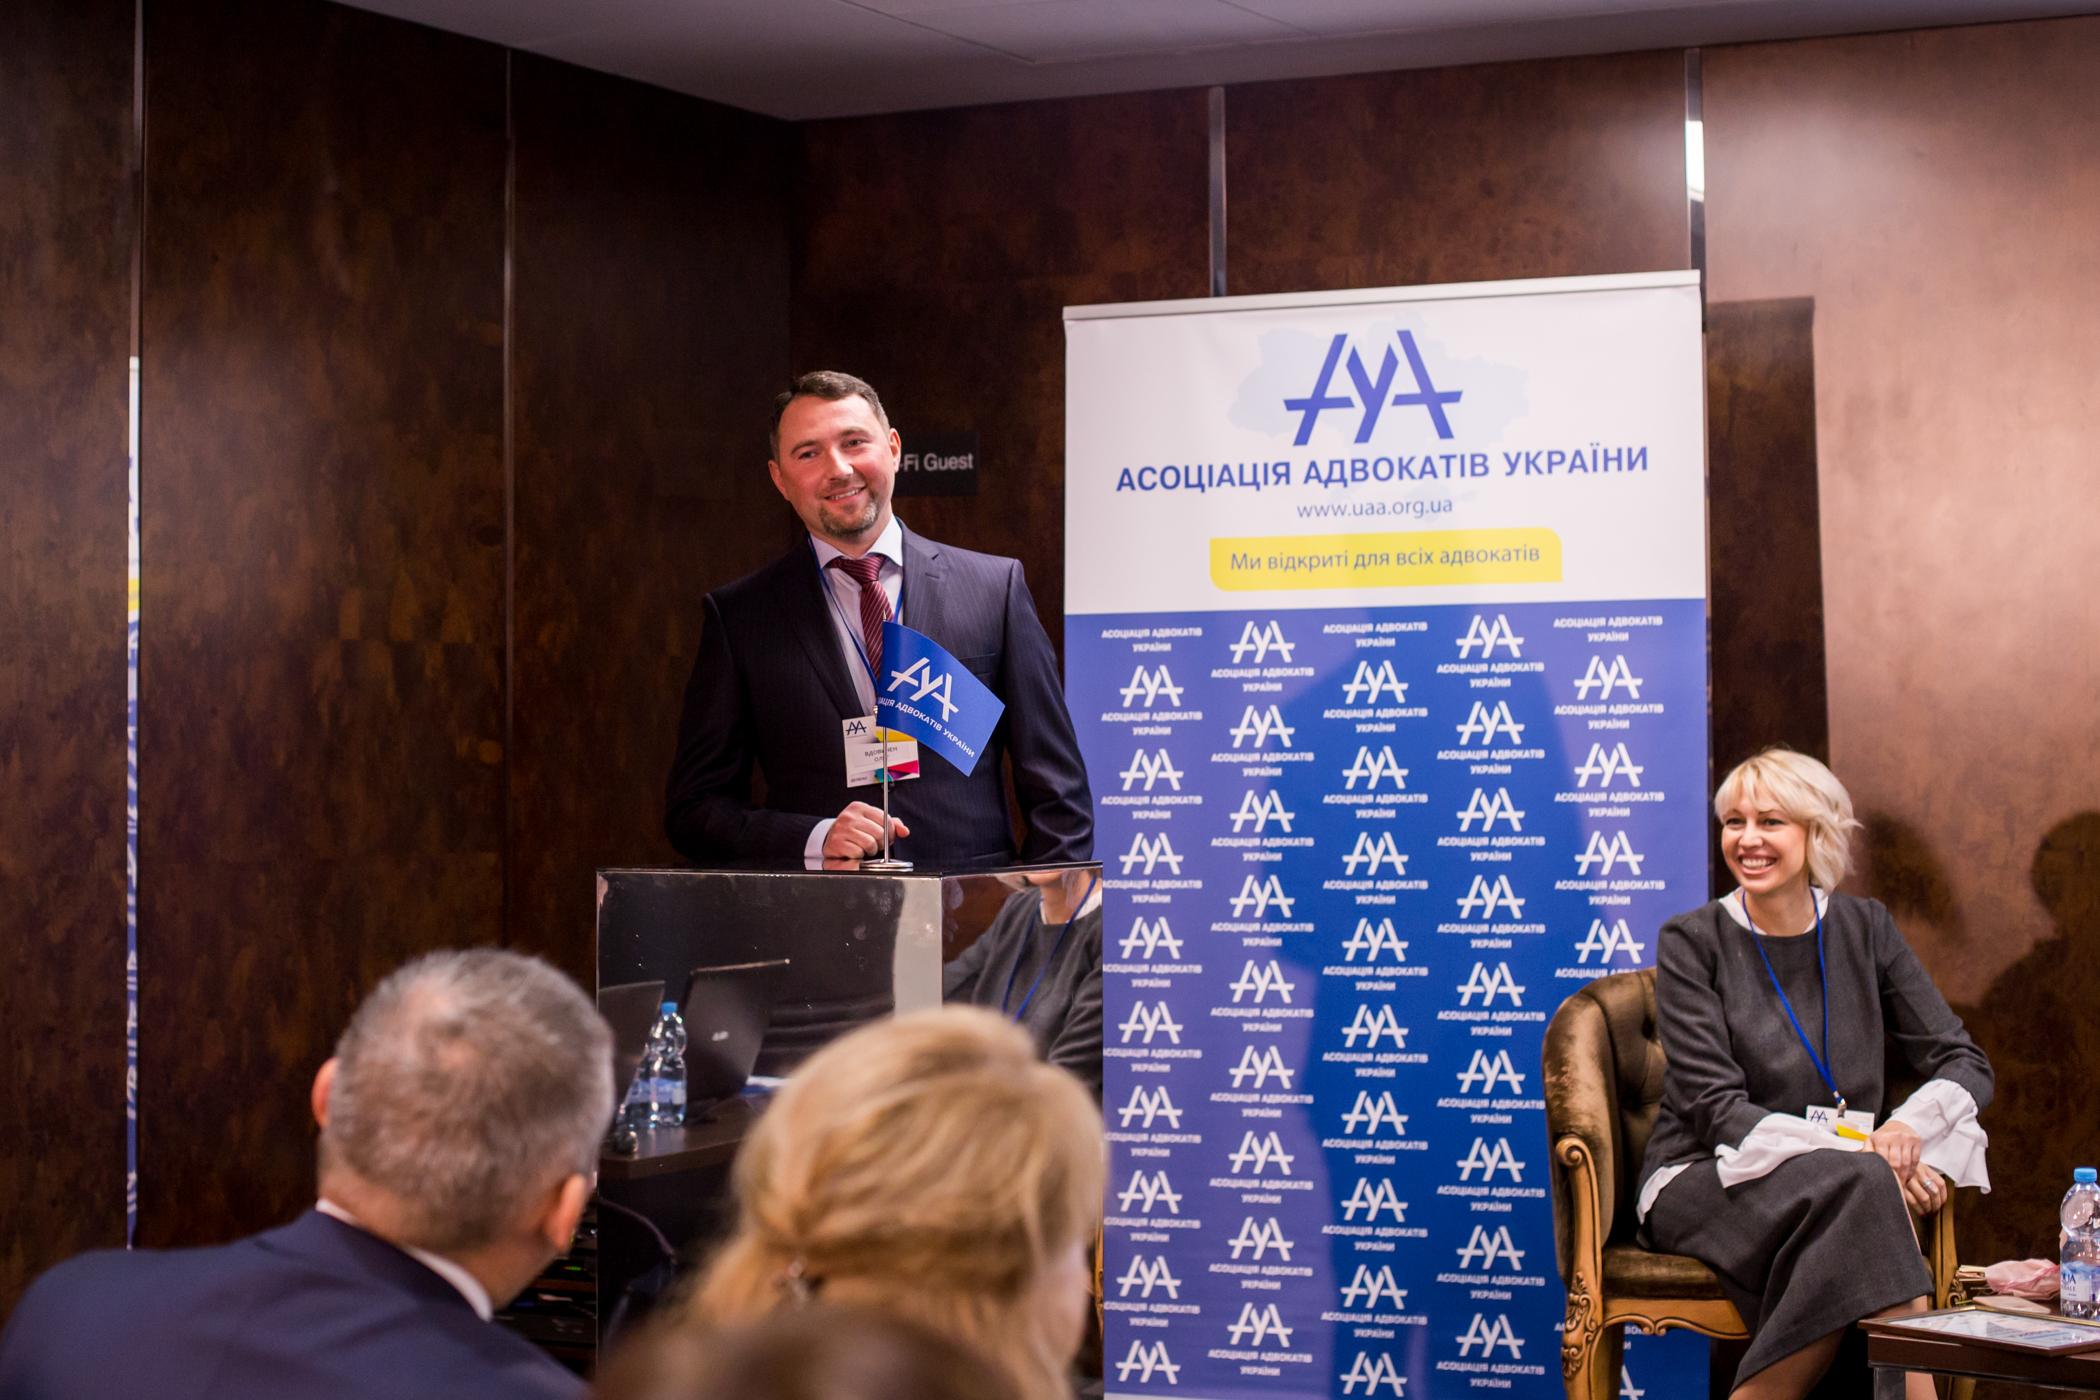 Олега Вдовичен обраний на посаду члена Правління Асоціації адвокатів України